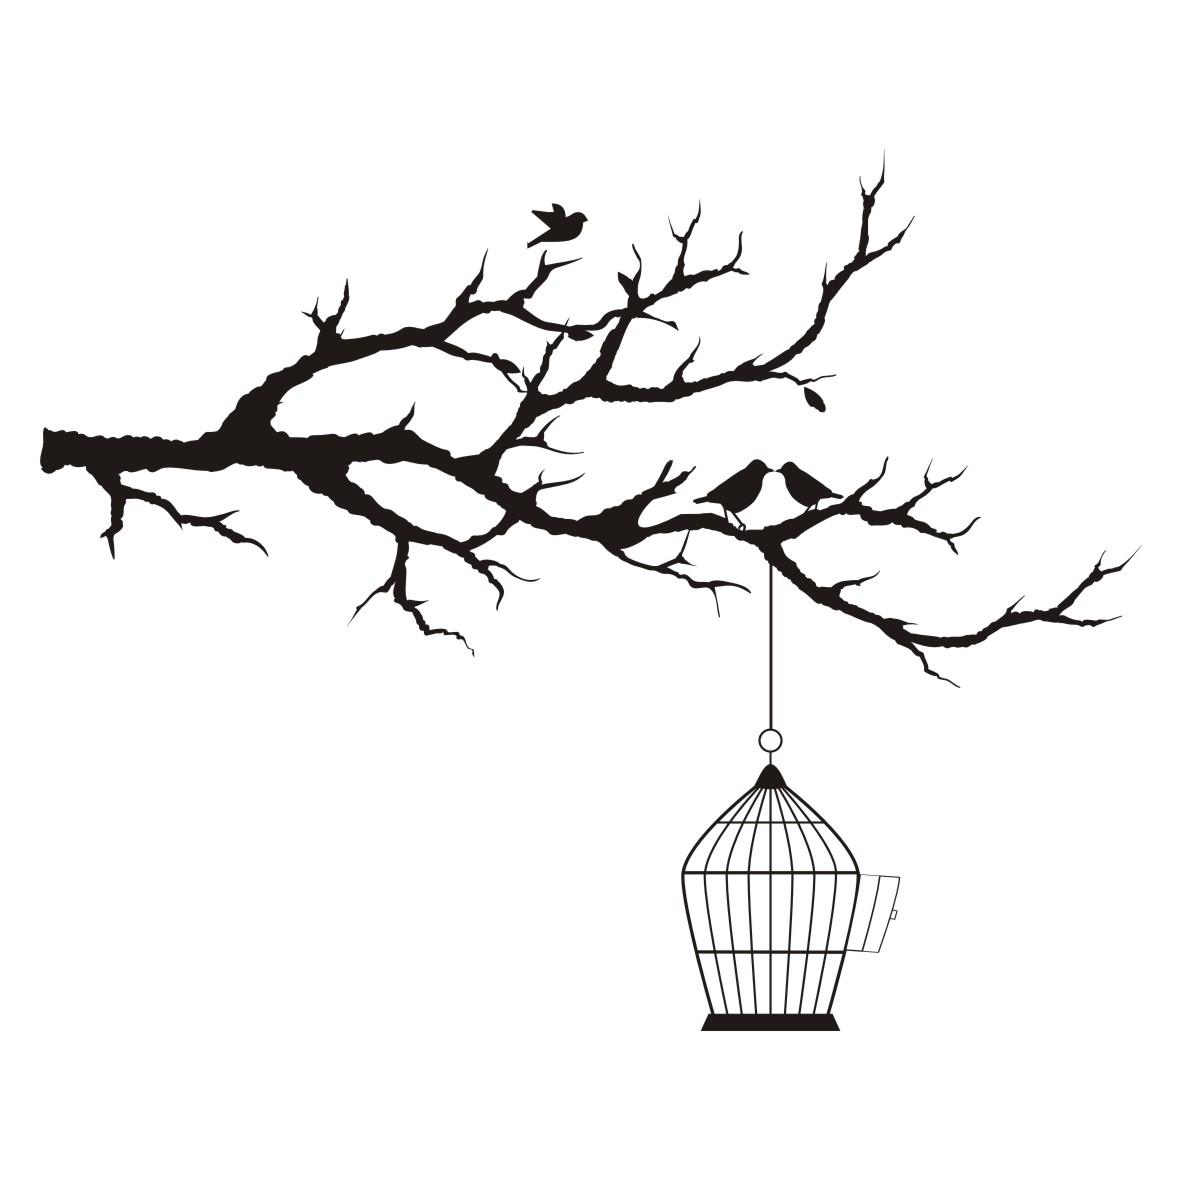 1181x1181 Drawn Birdcage Tree